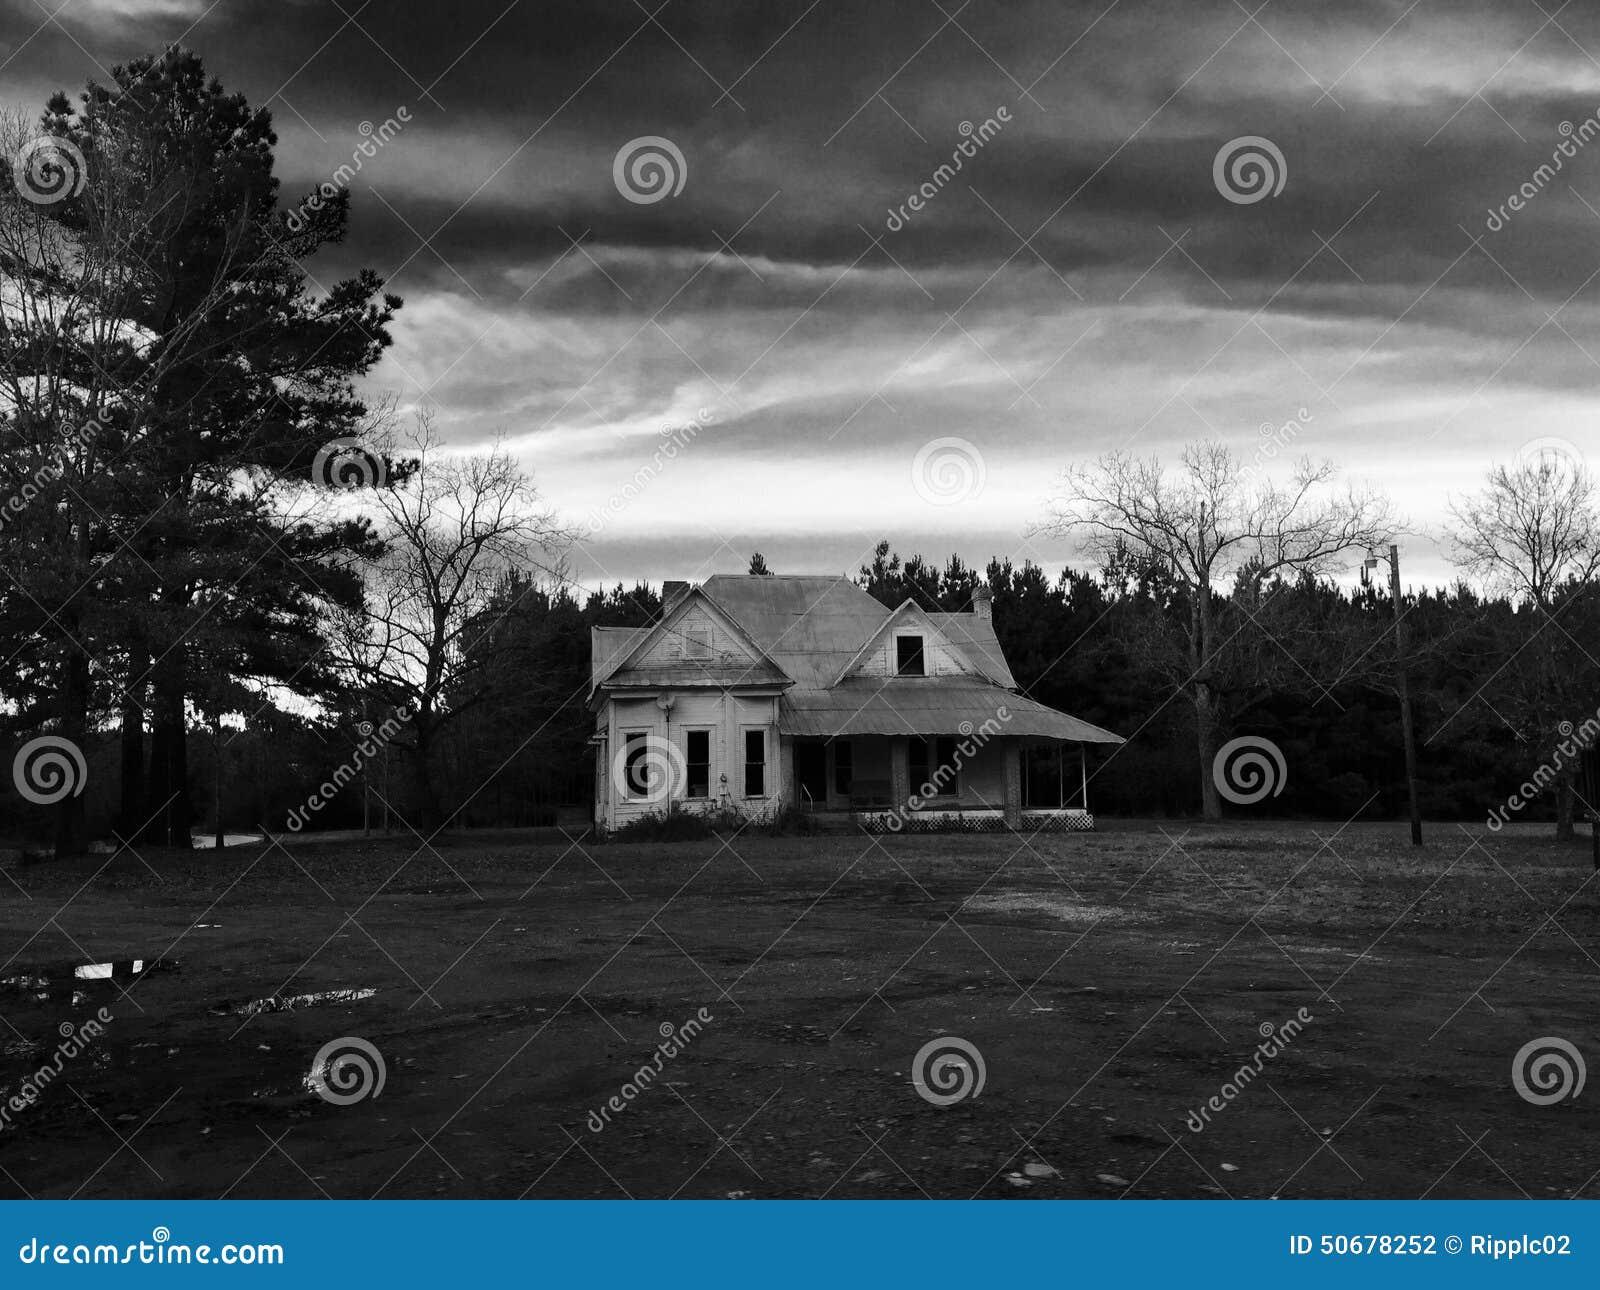 Download 历史房子 库存照片. 图片 包括有 房子, 历史记录, 葡萄酒, 非常, 反气旋, 对比, 布琼布拉, 拱道 - 50678252